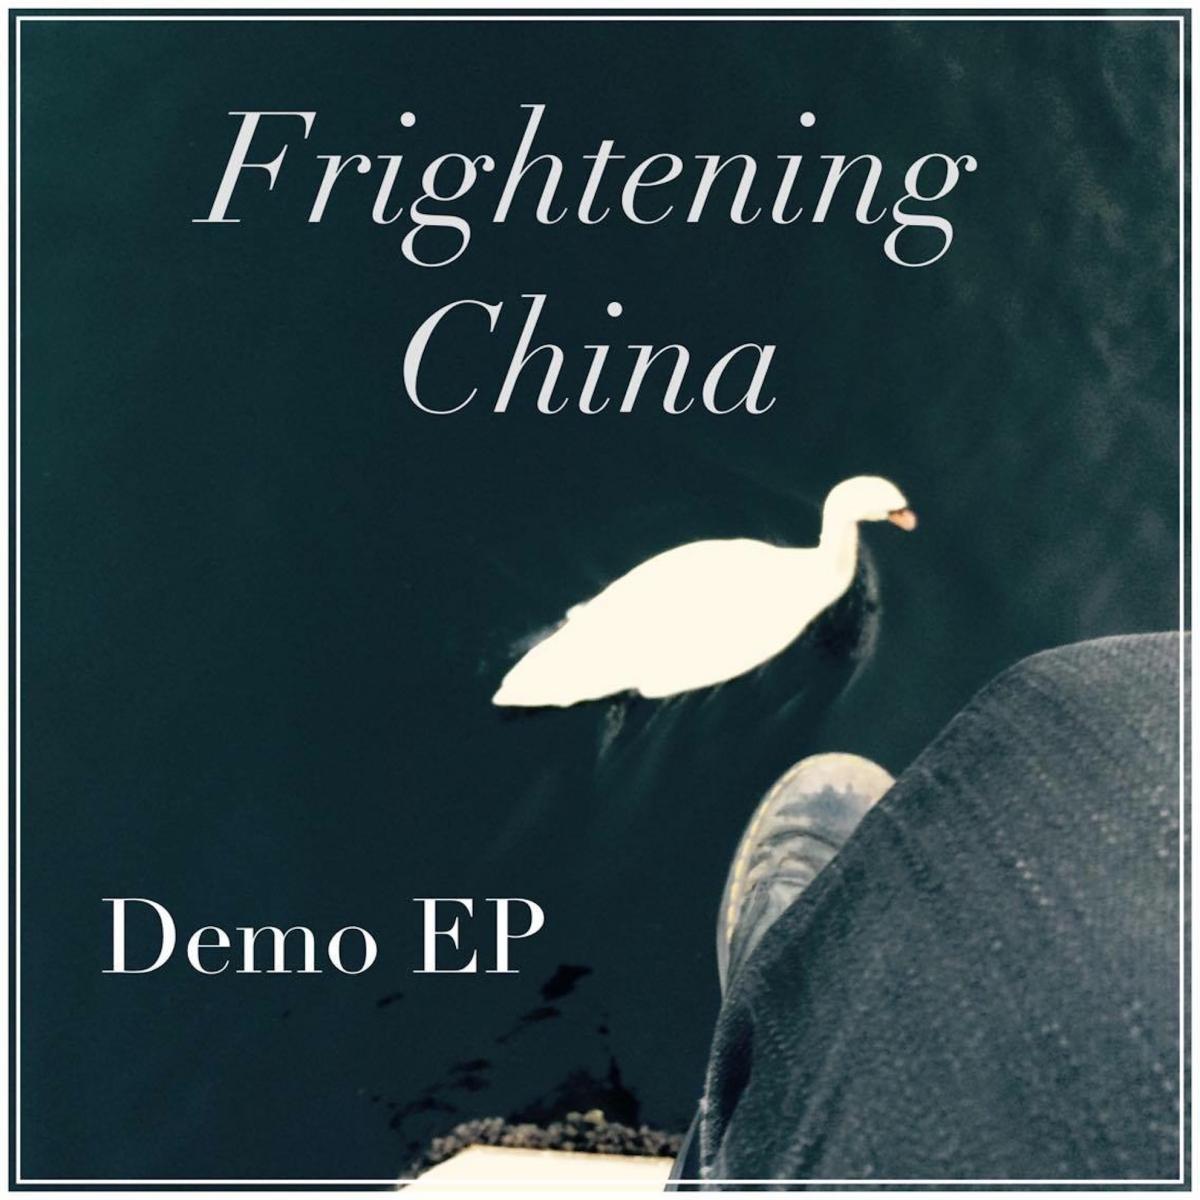 Frightening China, Demo EP